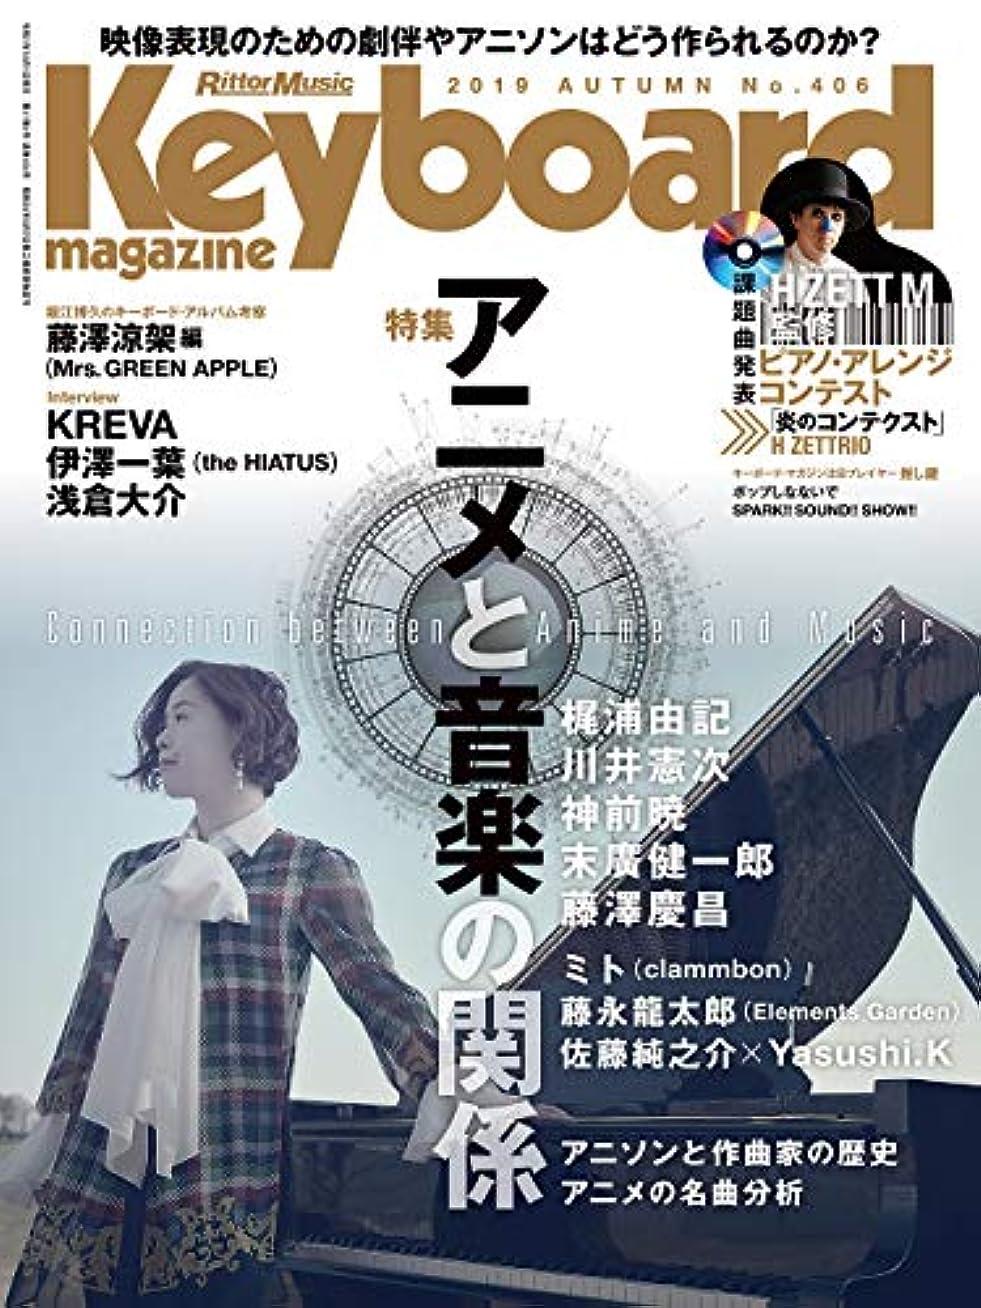 ピービッシュ最終技術者Keyboard magazine (キーボード マガジン) 2019年10月号 AUTUMN